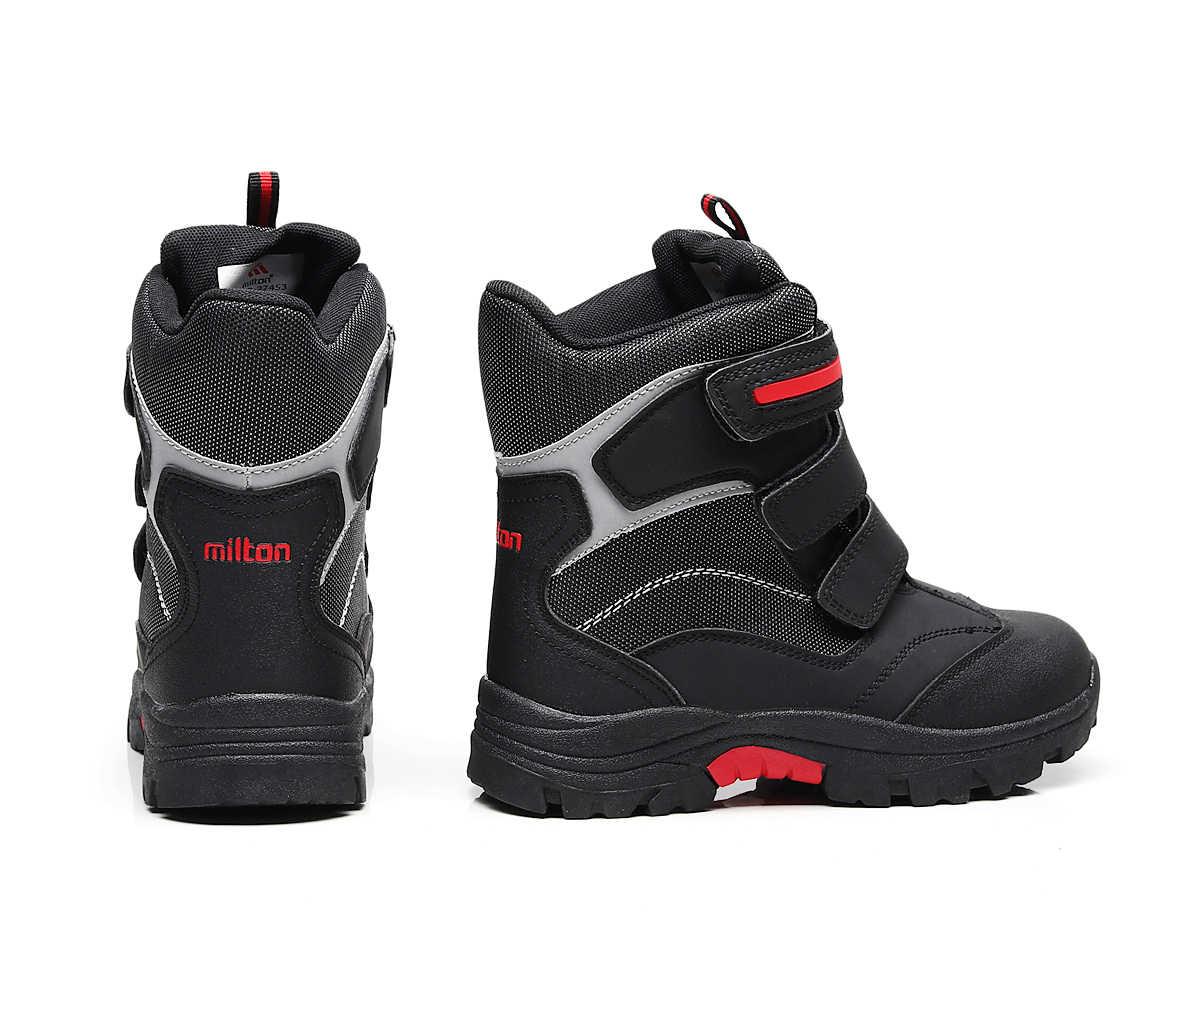 be6ae42a6 ... 2018 новые детские сапоги зимние детские ботинки снега Водонепроницаемый  противоскольжения мальчик сапоги теплые зимние ботинки для ...